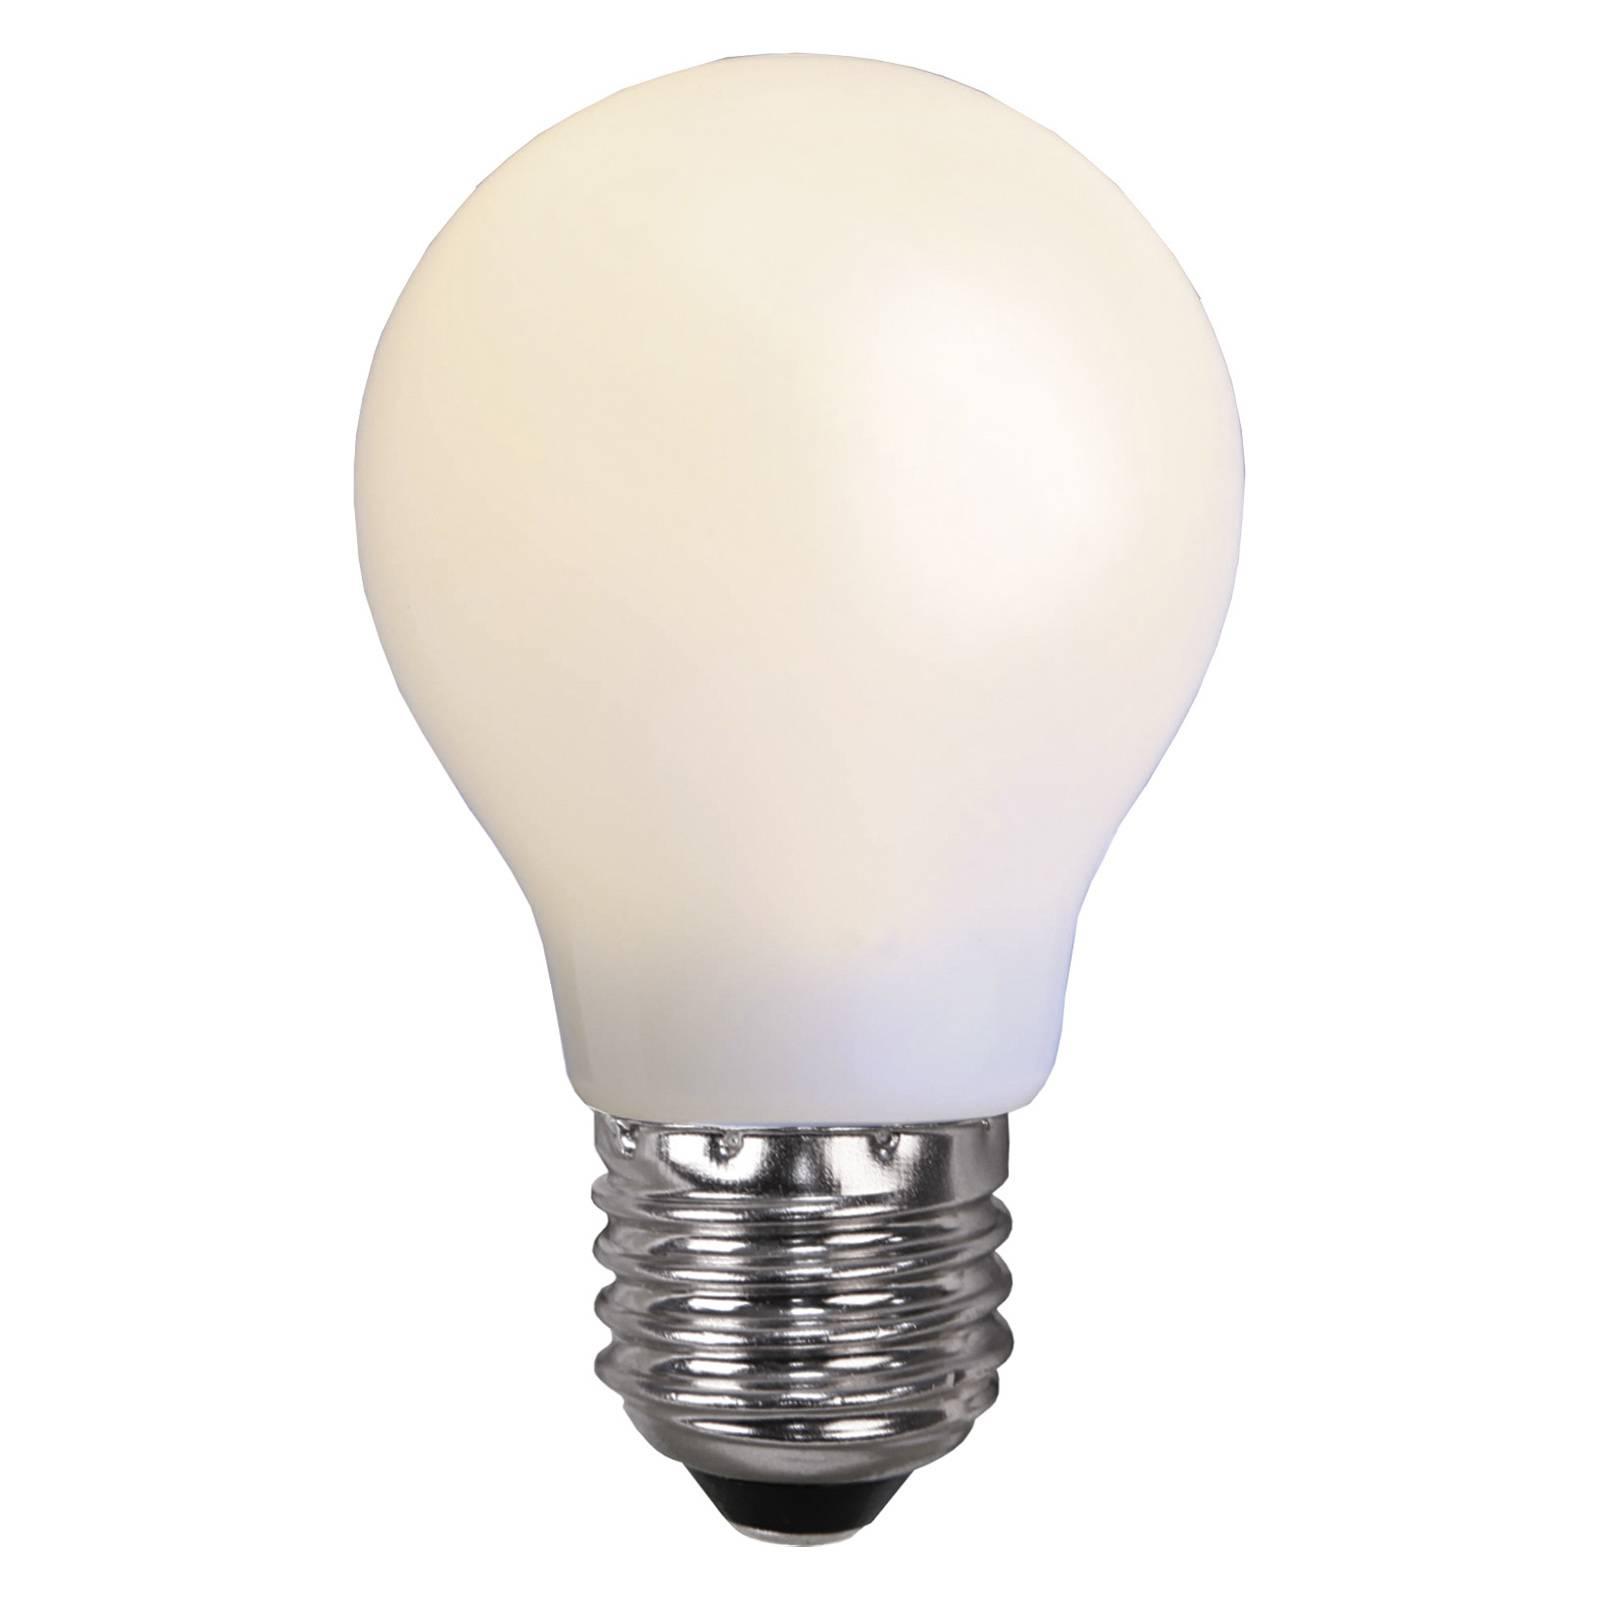 LED-lamppu E27 valoketjuihin, murtumaton valkoinen